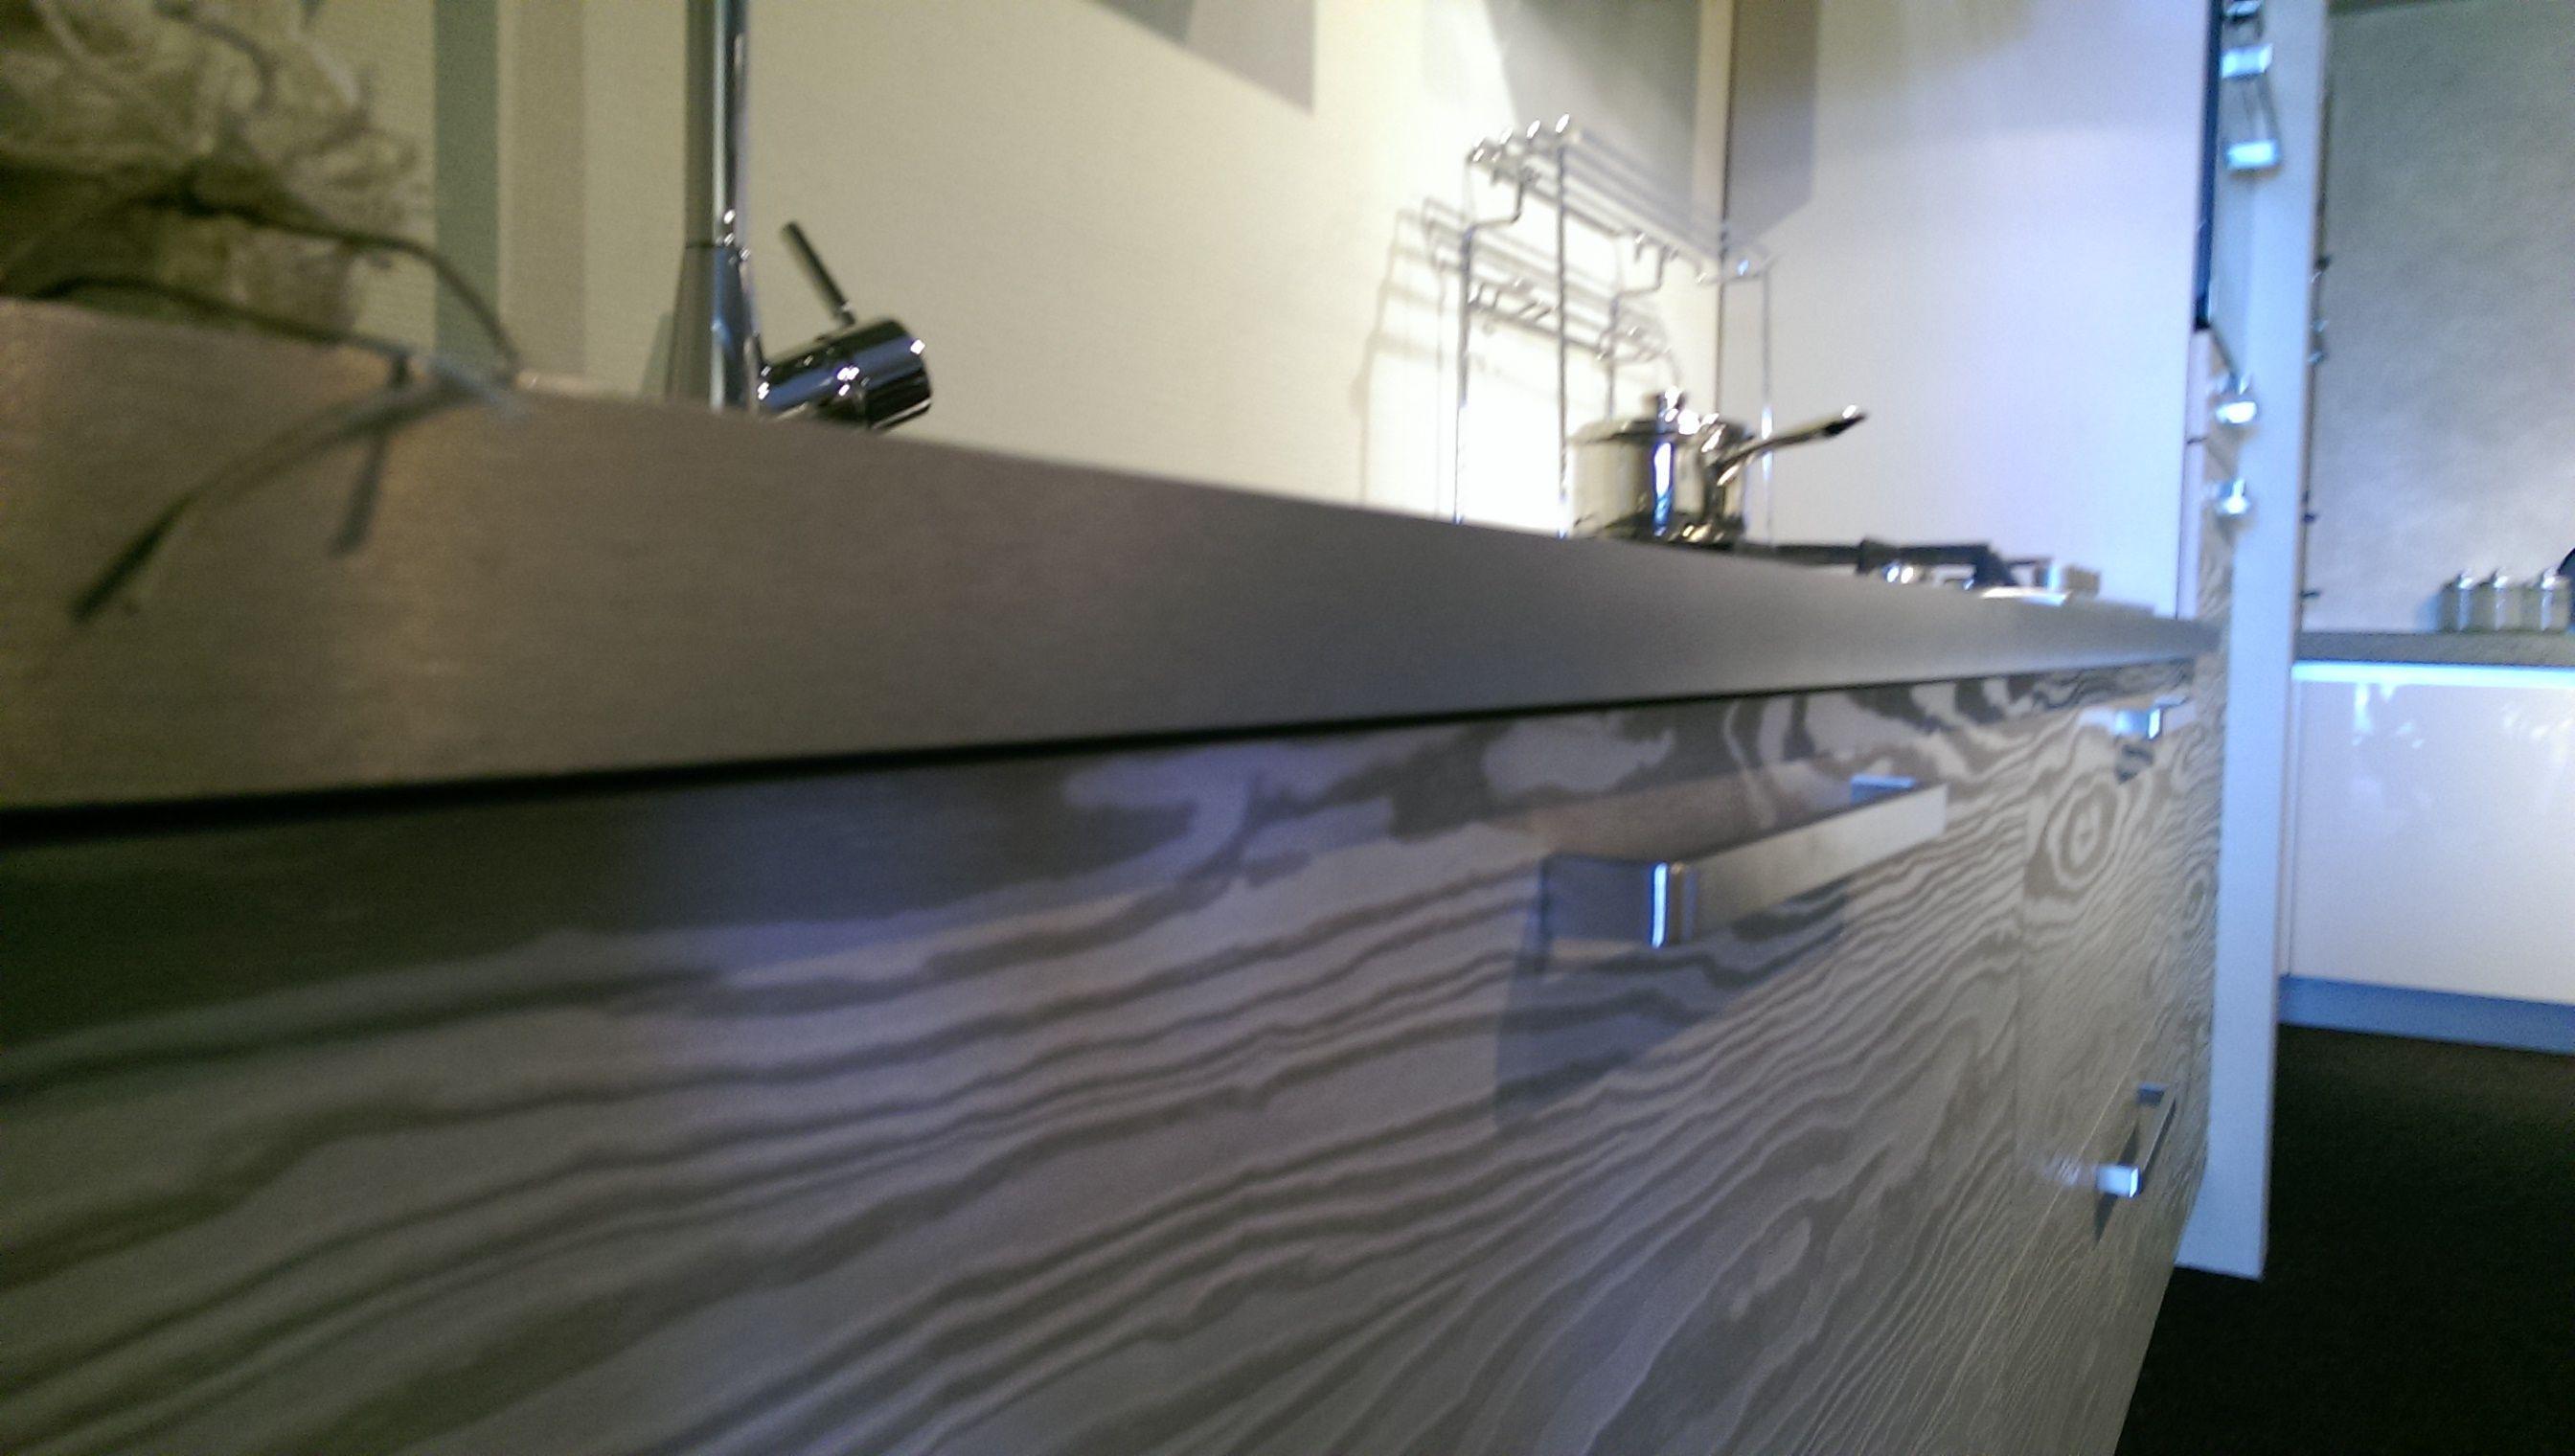 Showroomkeukens alle showroomkeuken aanbiedingen uit nederland keukens voor zeer lage keuken - Klein keuken model ...